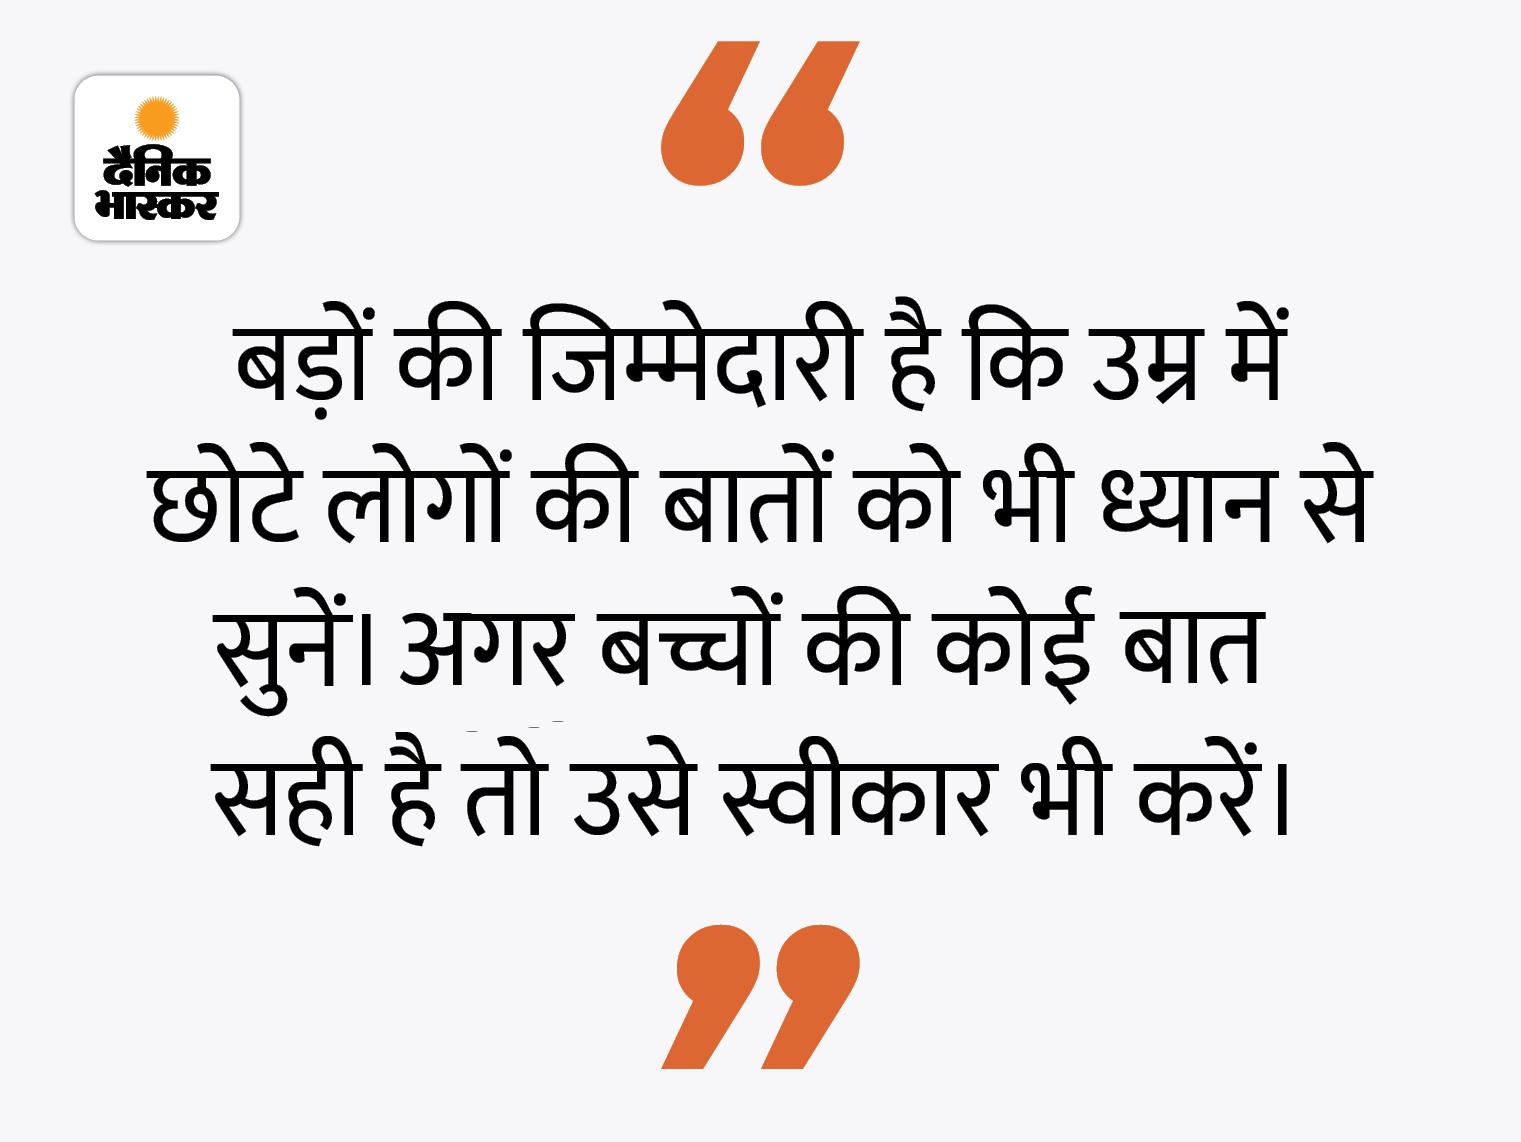 हमेशा बड़े-बूढ़े ही नहीं, कभी-कभी युवा भी सही बात कह देते हैं|धर्म,Dharm - Dainik Bhaskar